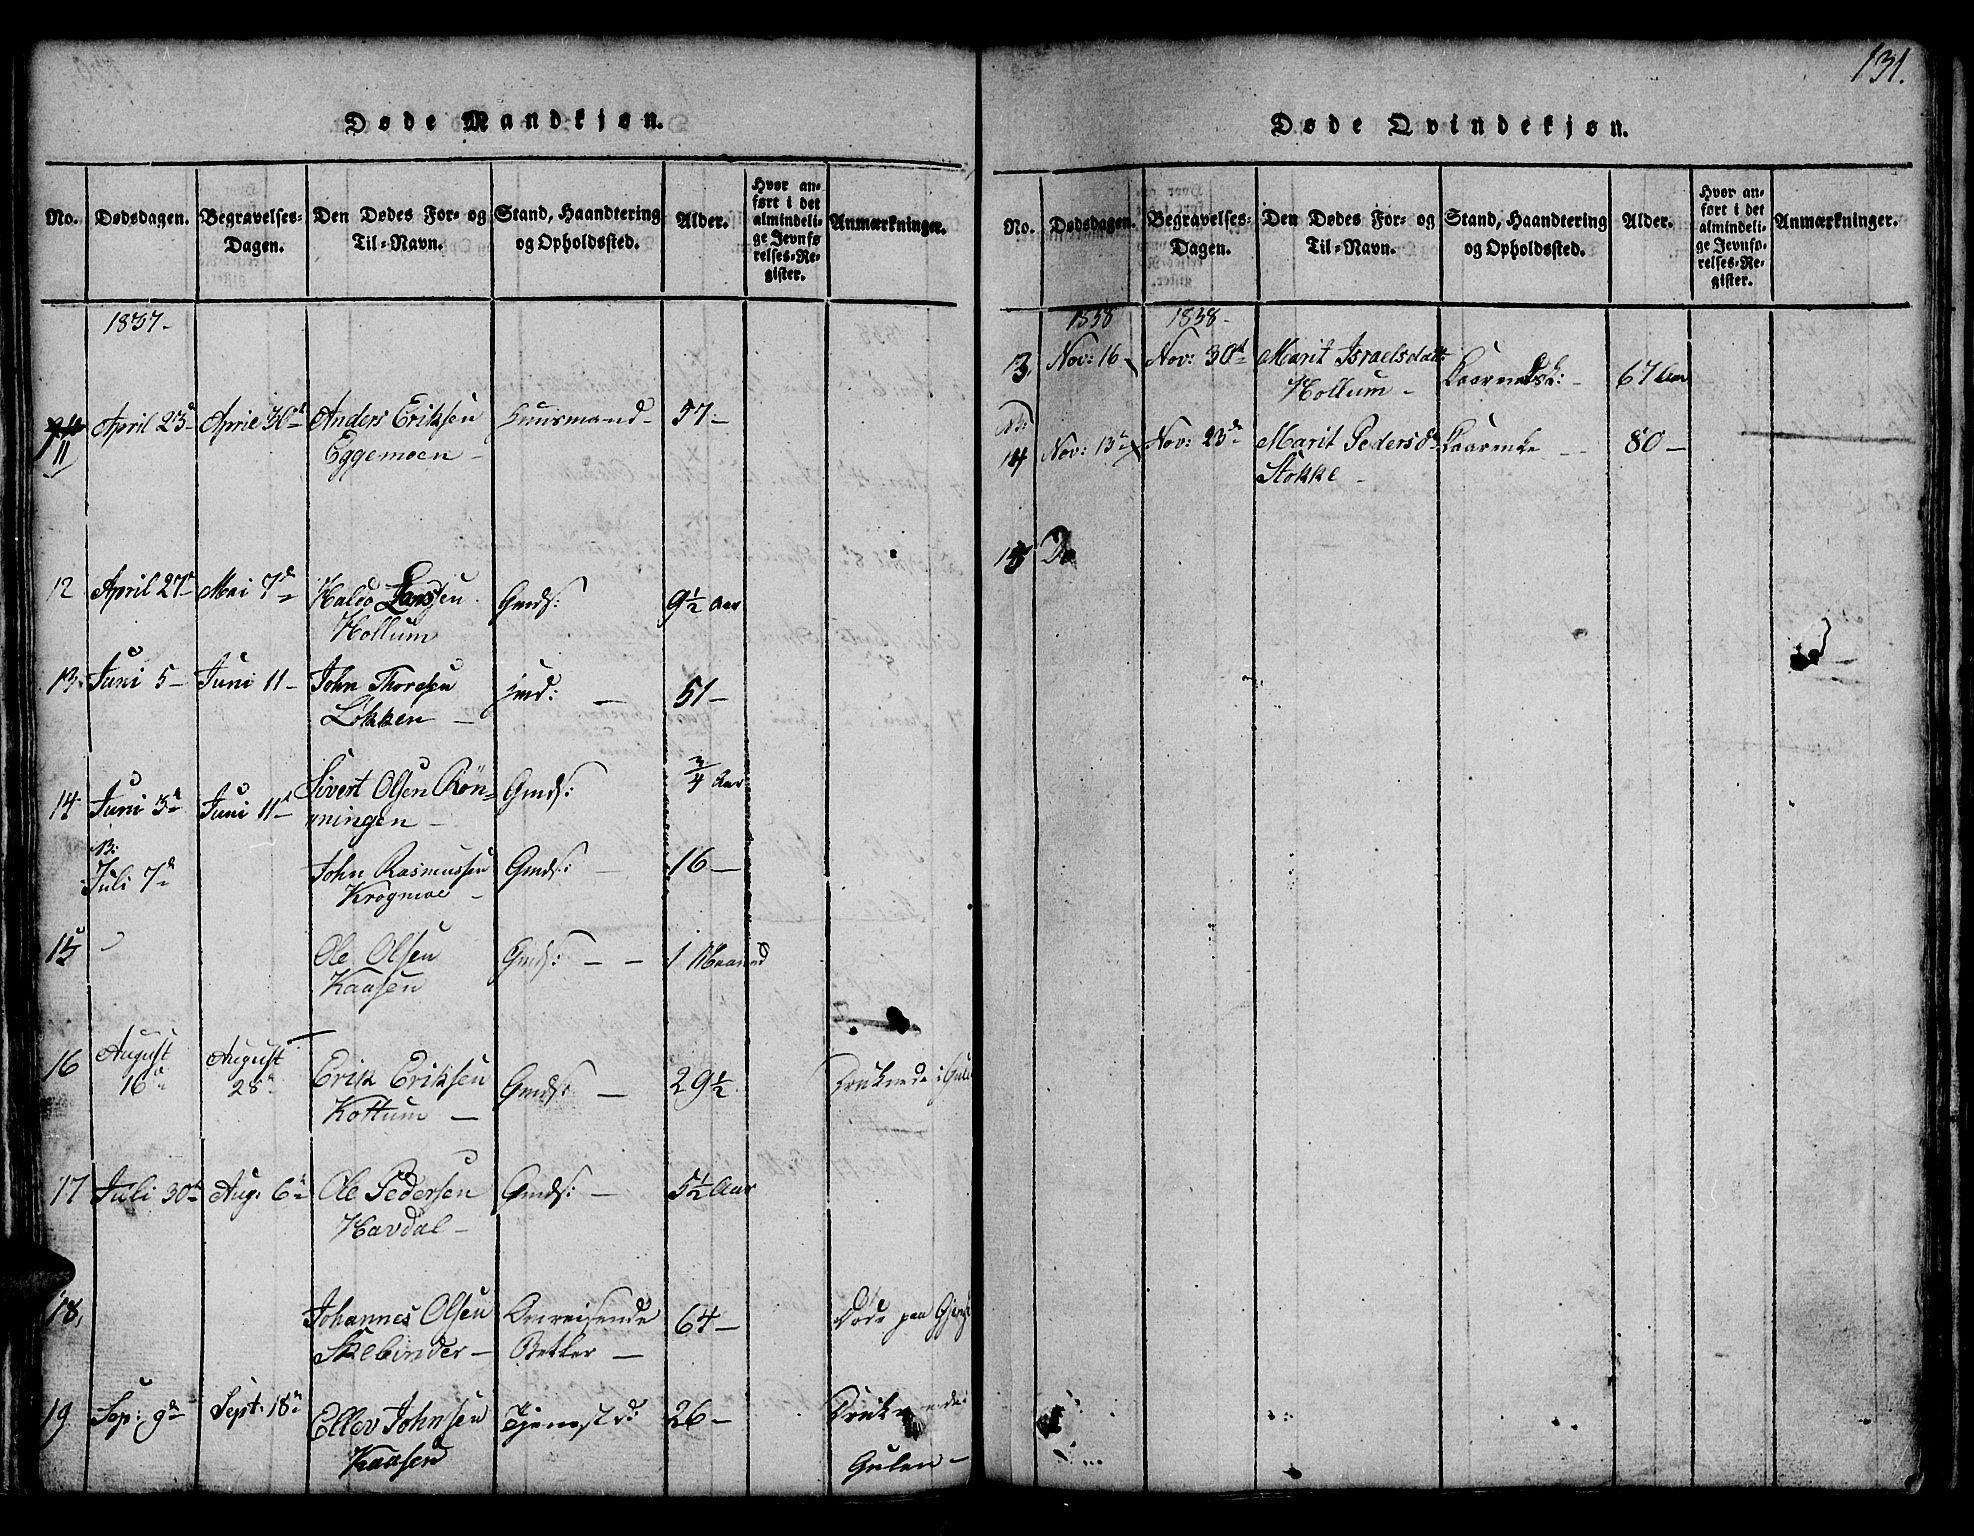 SAT, Ministerialprotokoller, klokkerbøker og fødselsregistre - Sør-Trøndelag, 691/L1092: Klokkerbok nr. 691C03, 1816-1852, s. 131